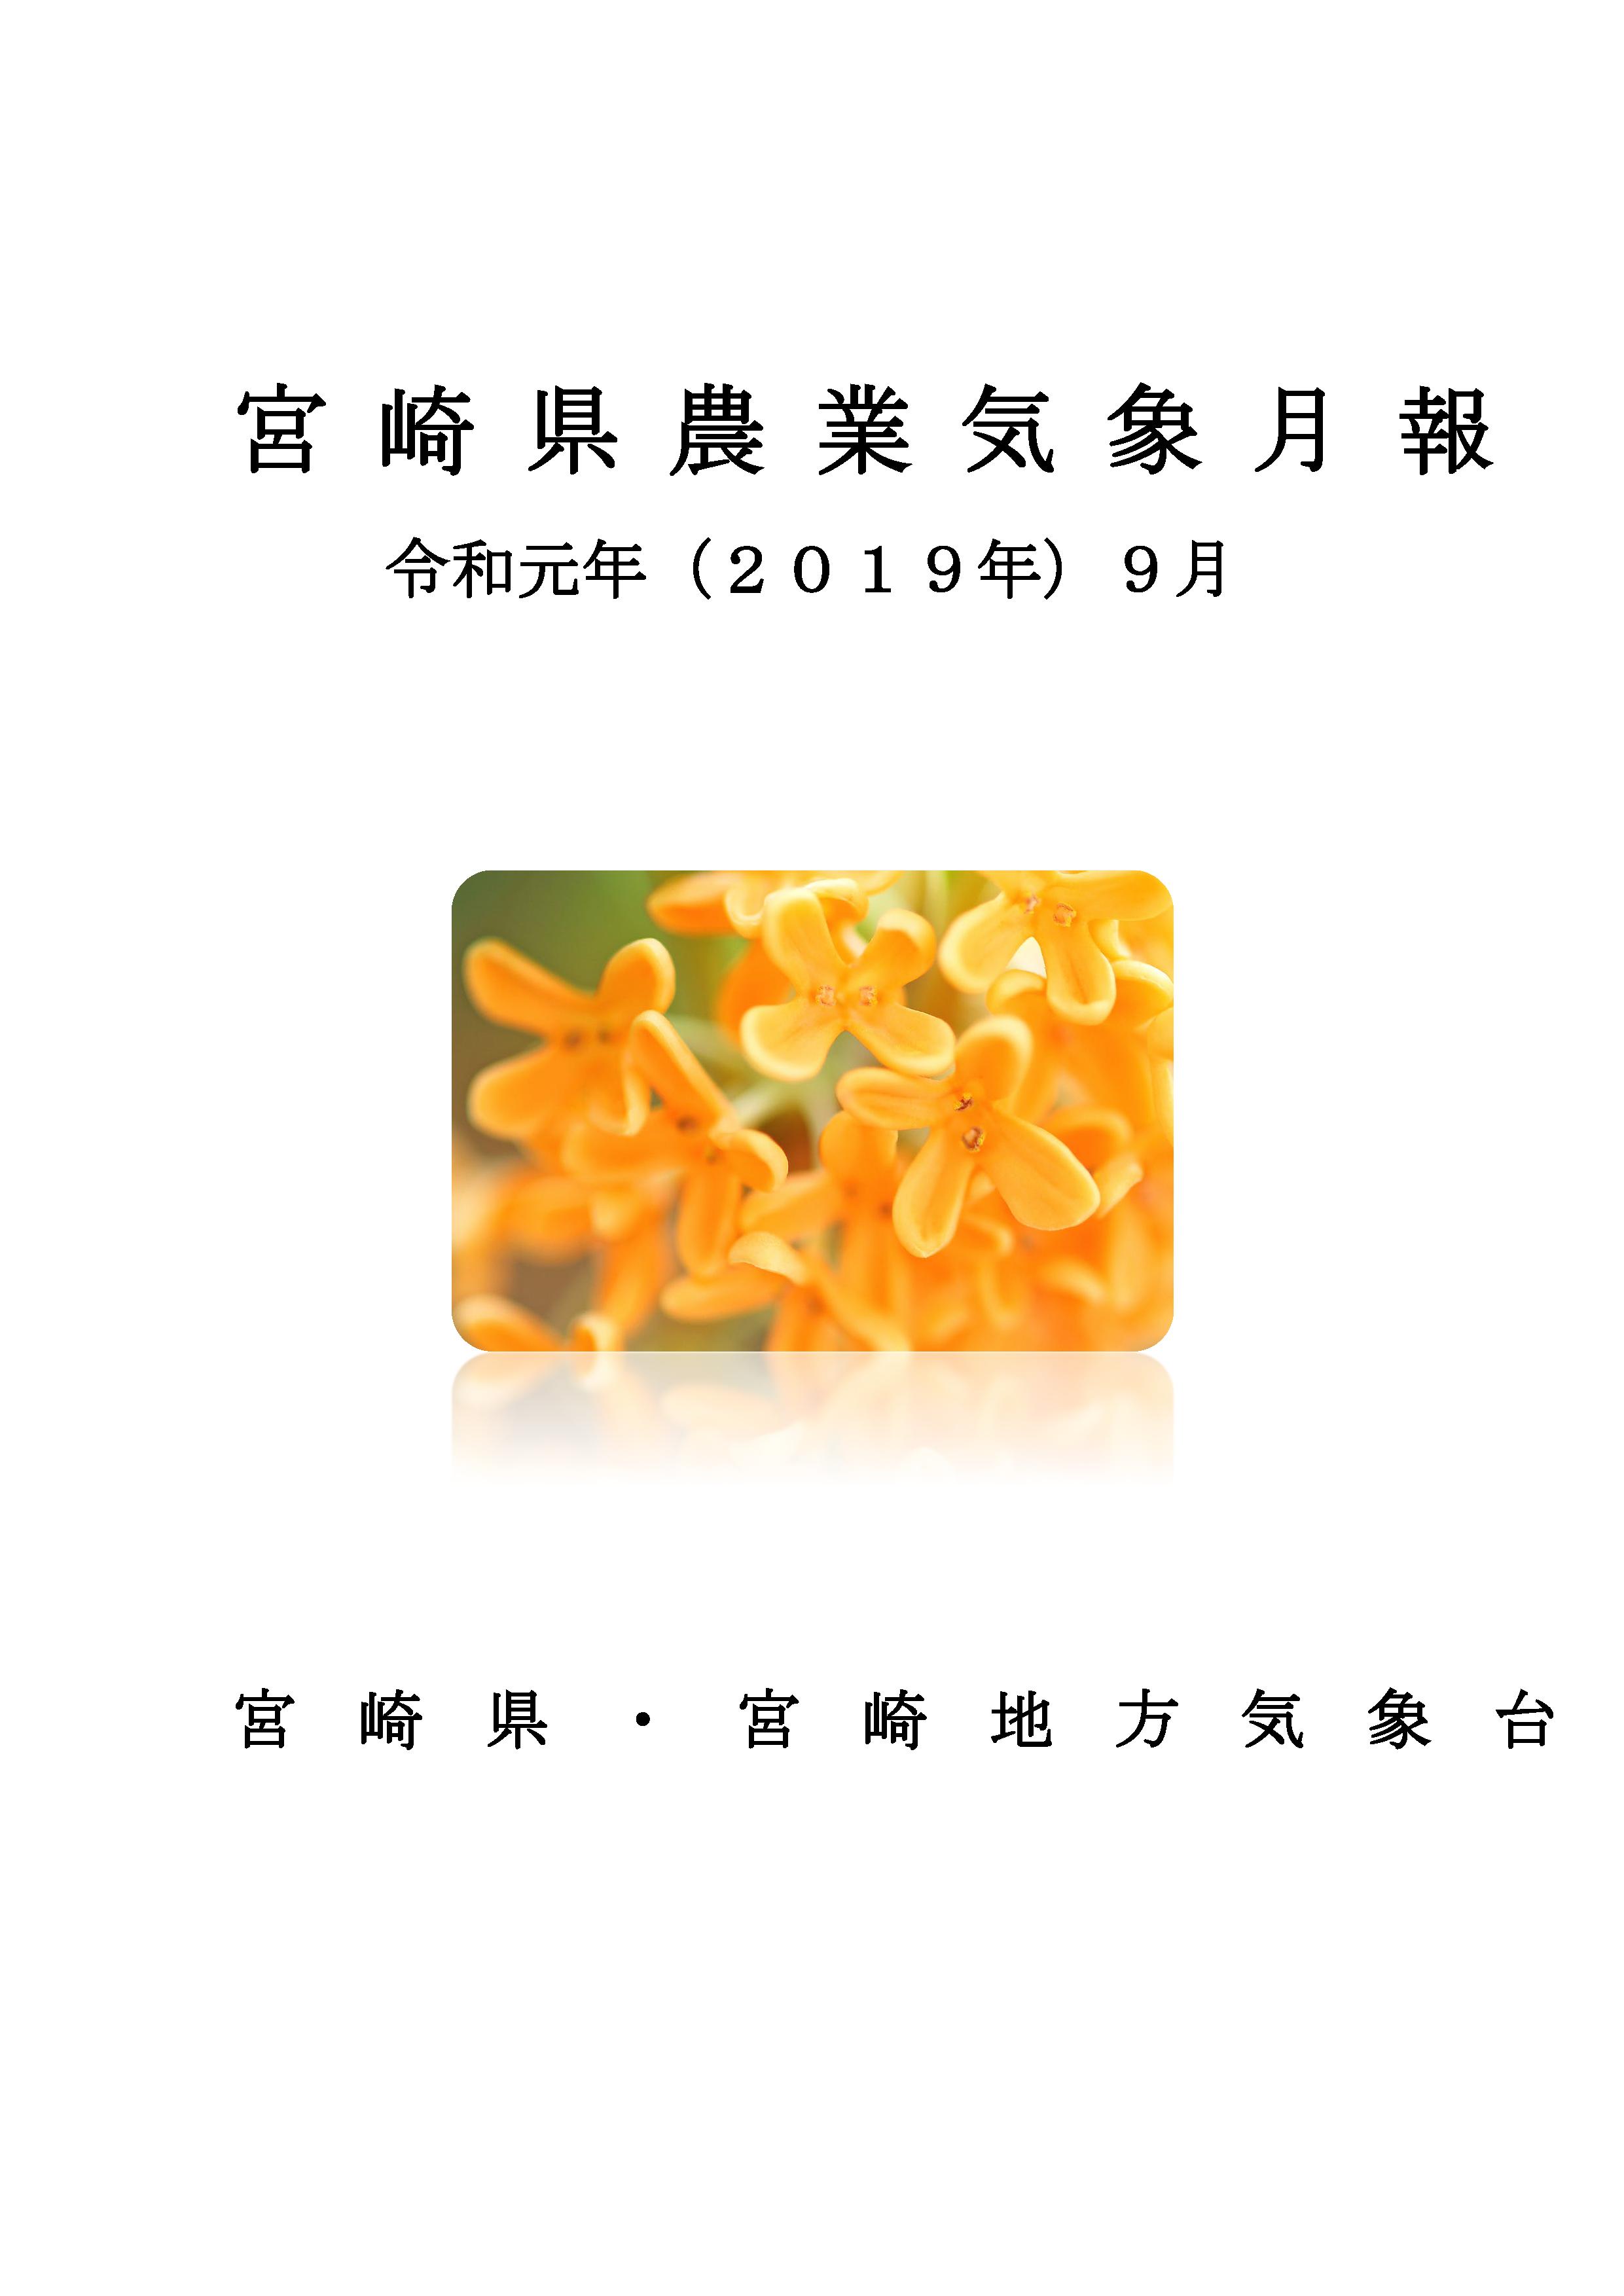 令和元年9月農業気象月報PDF